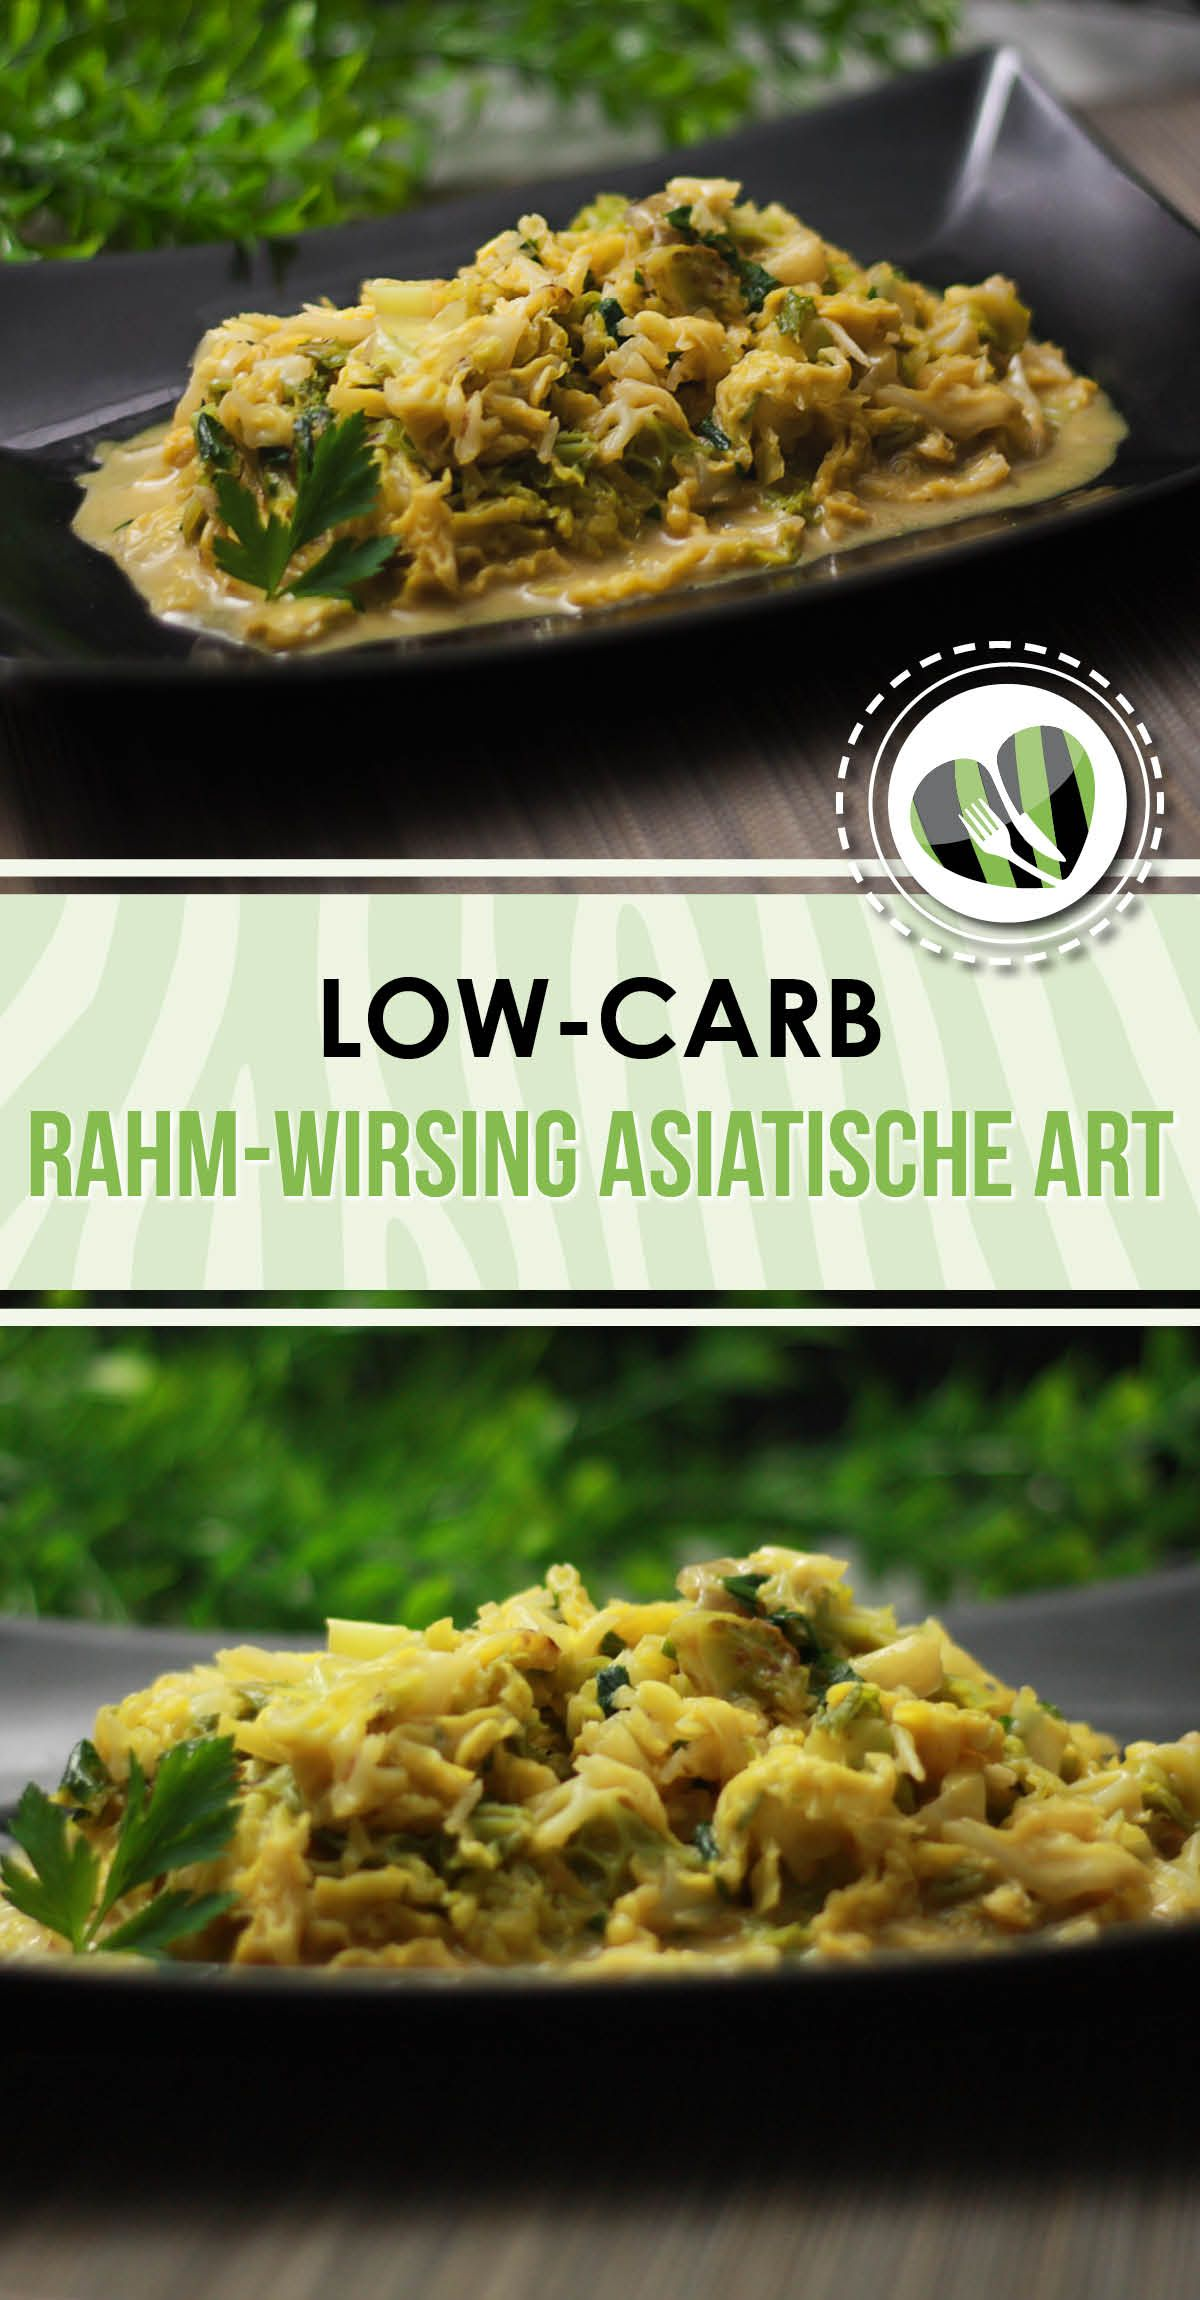 Das Rahm-Wirsing nach asiatischer Art ist low-carb und vegan.